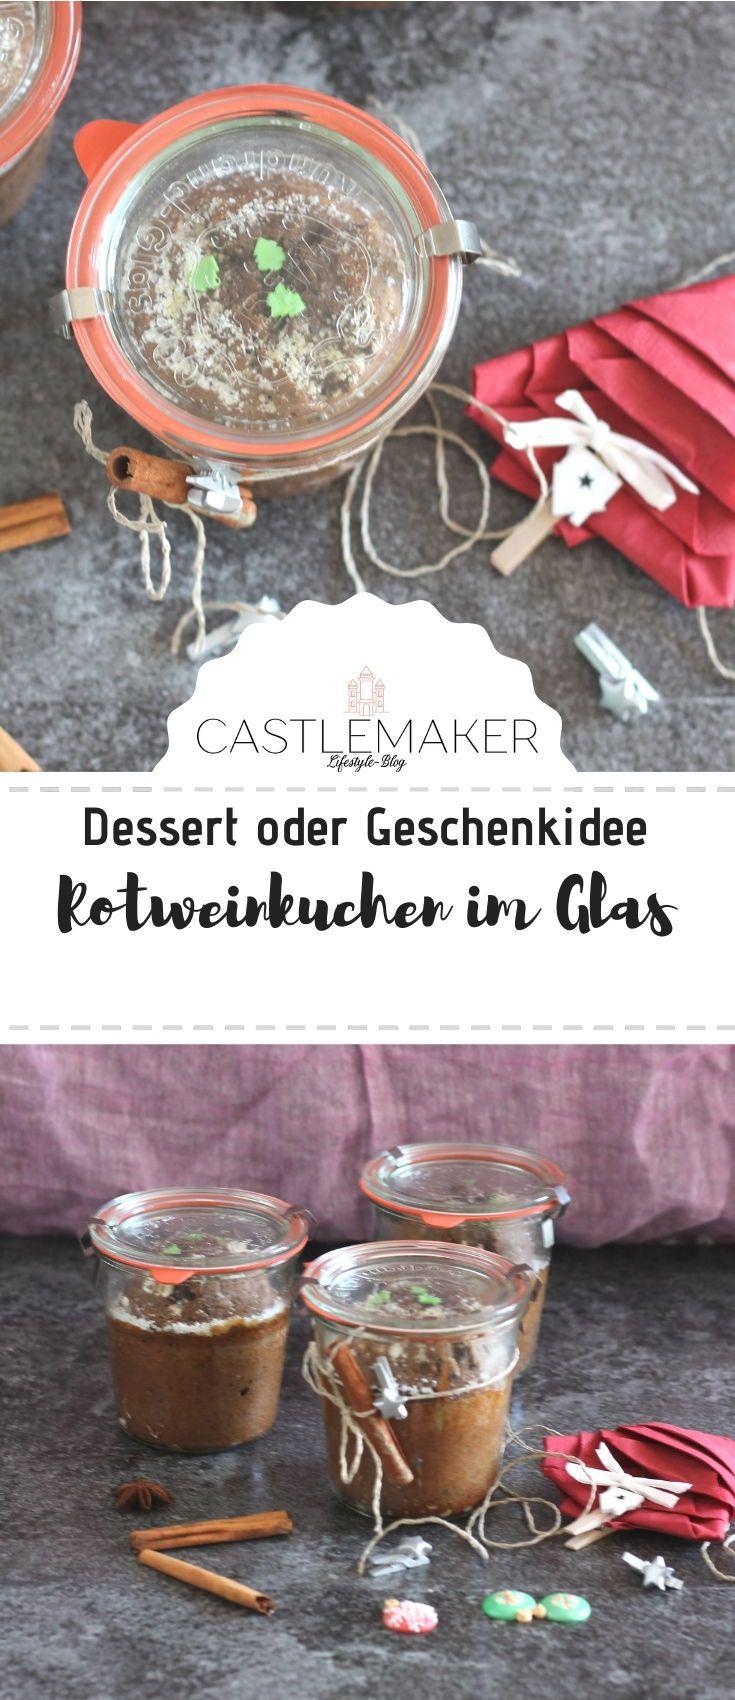 Rotweinkuchen im Glas – auch als Geschenkidee – lange haltbar – Castlemaker Lifestyle-Blog Rezepte & mehr